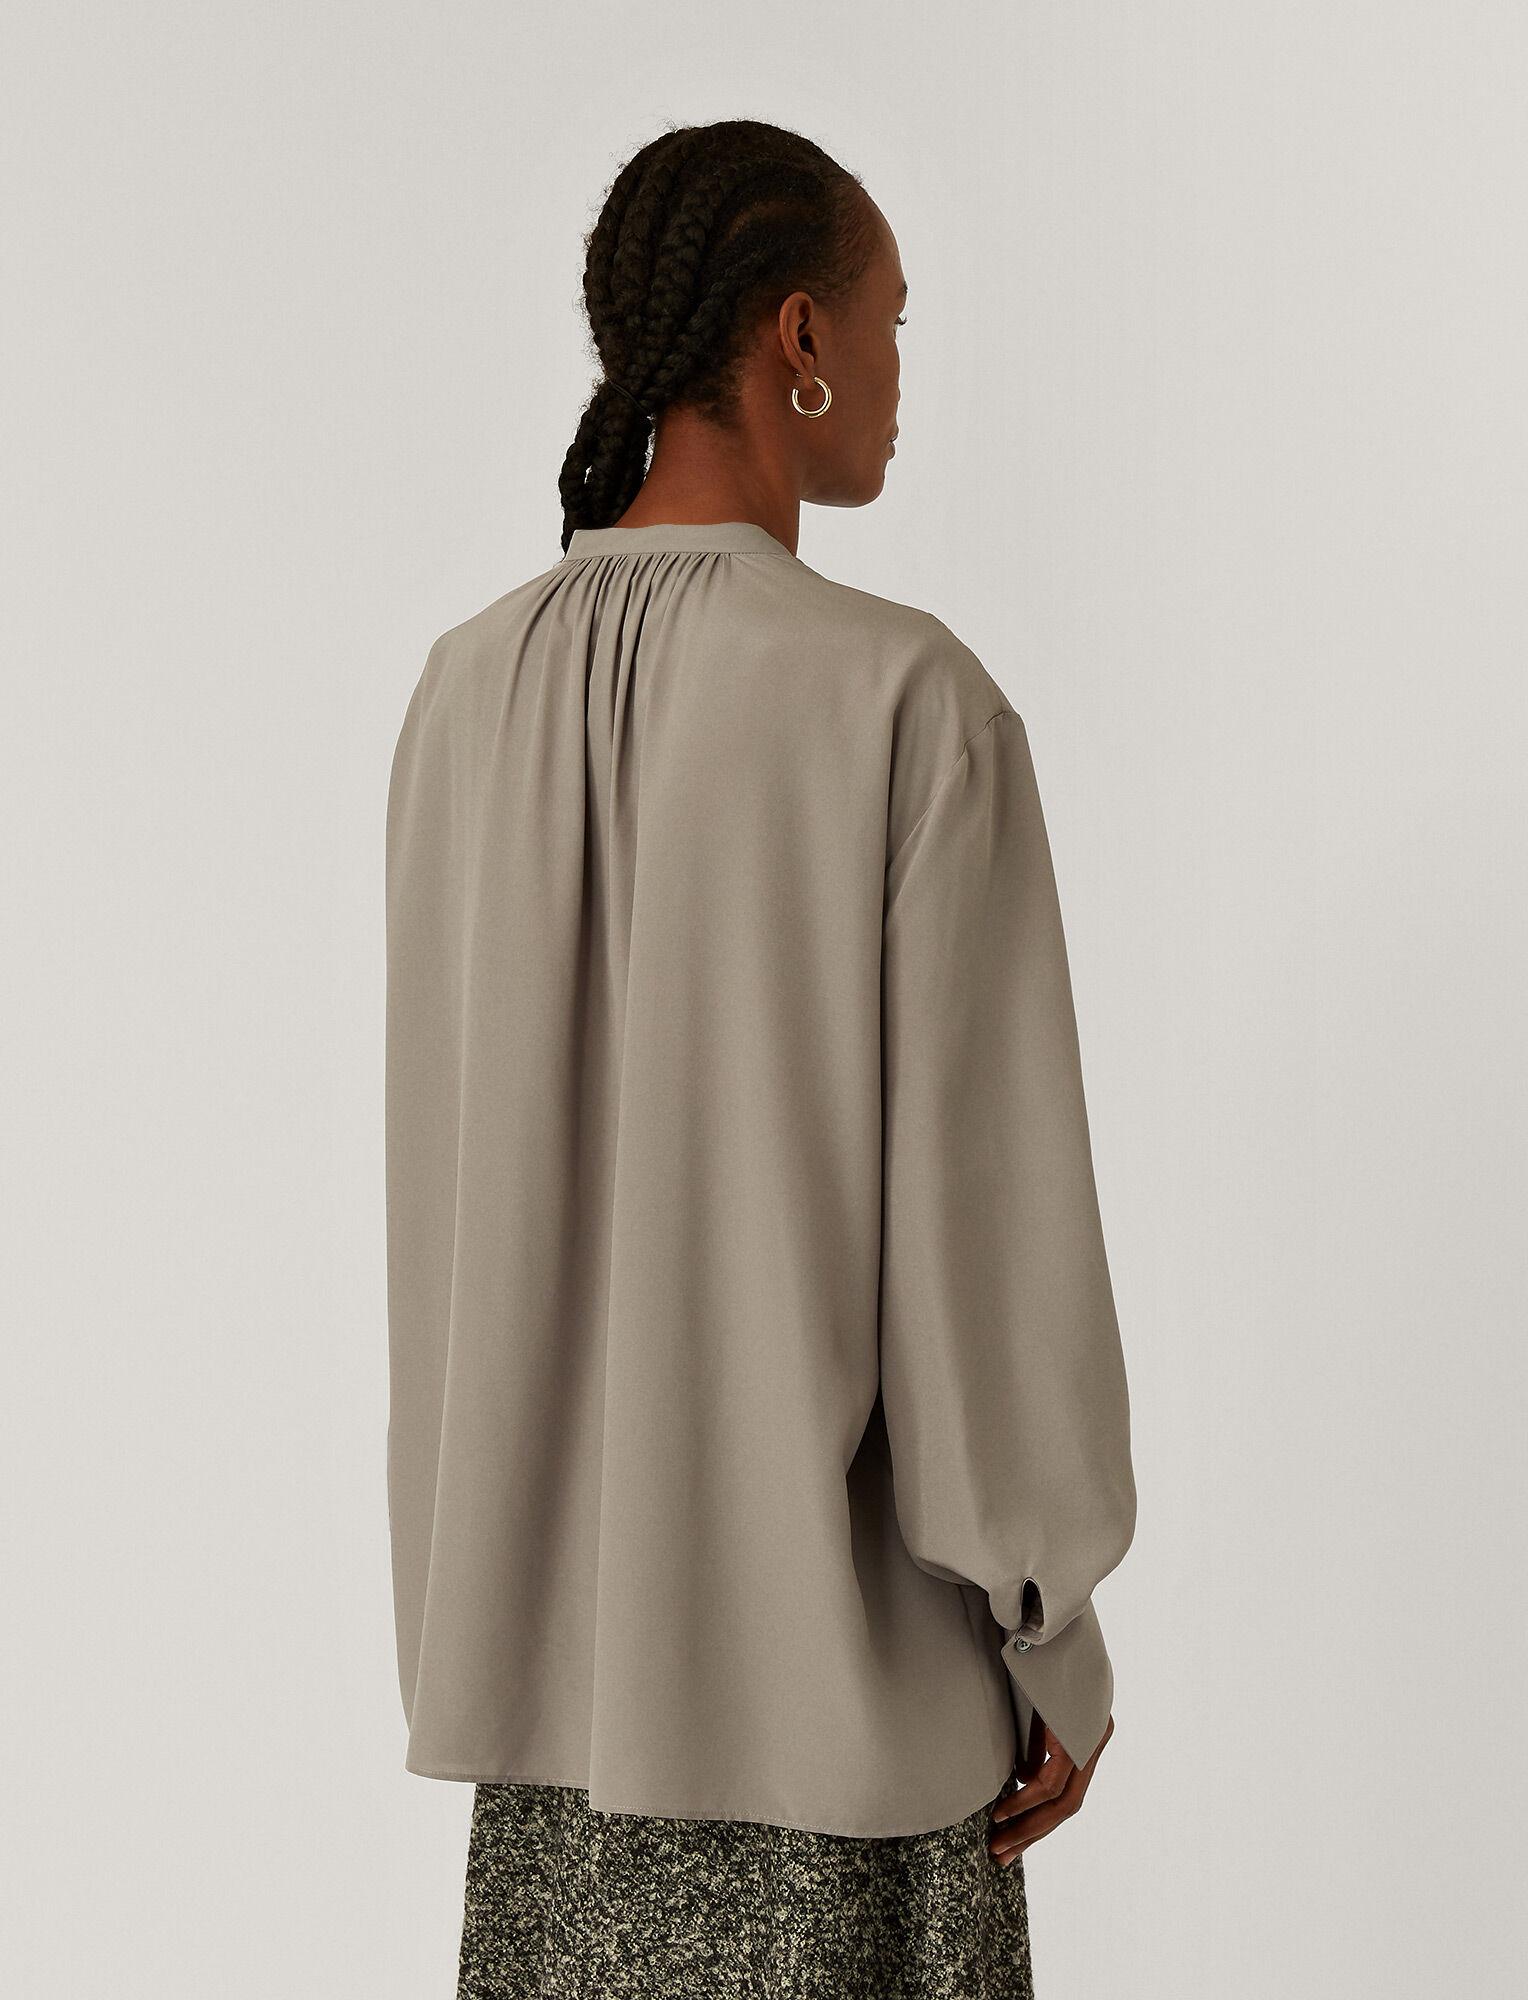 Joseph, Blanca Light Silk Blouse, in Ash